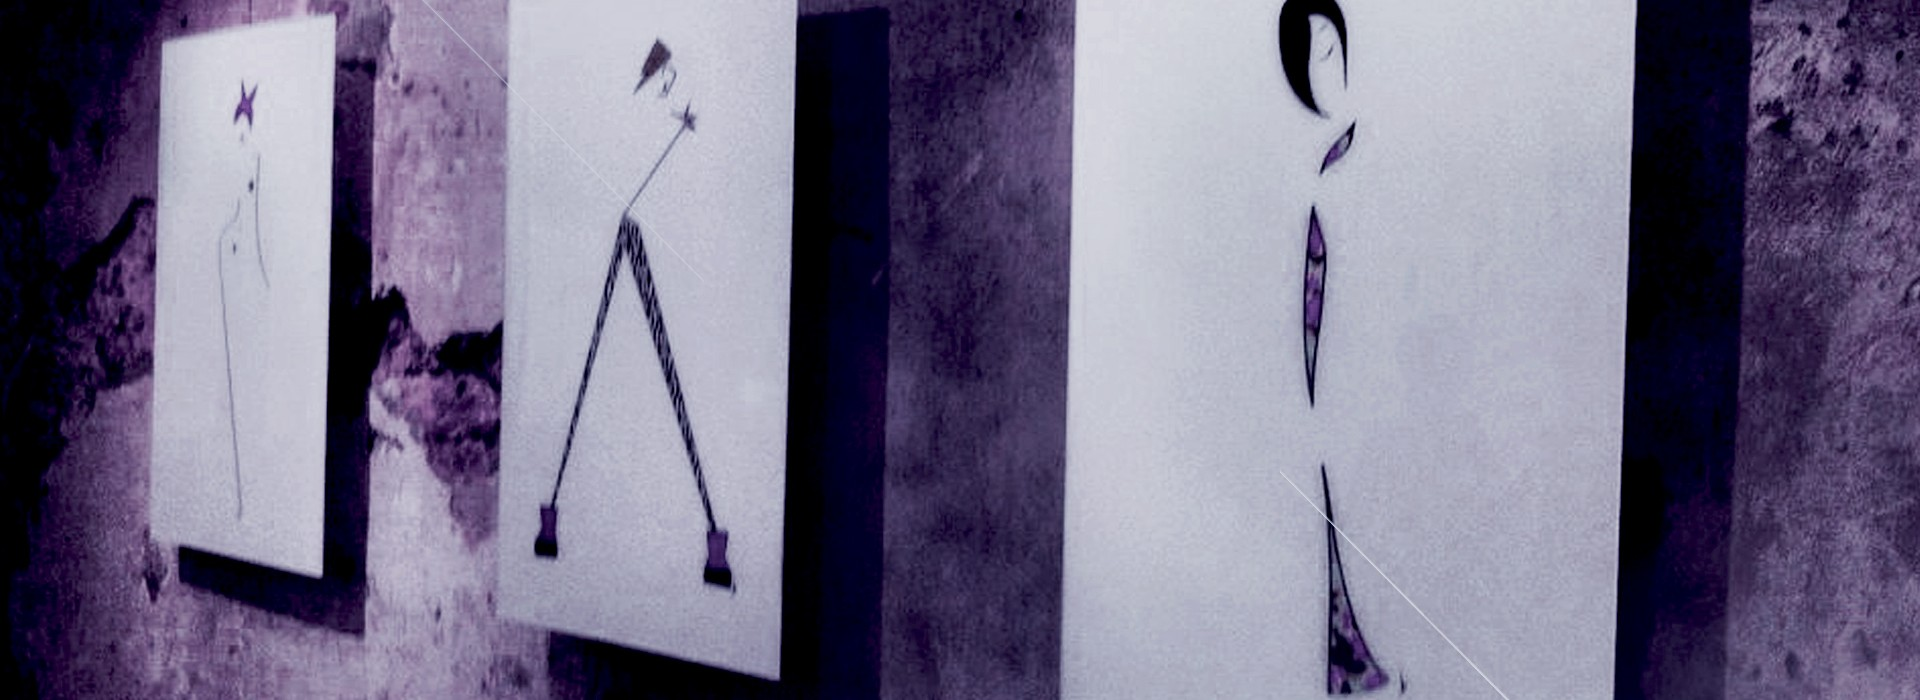 kunst-opsterland-josien-bruinsma